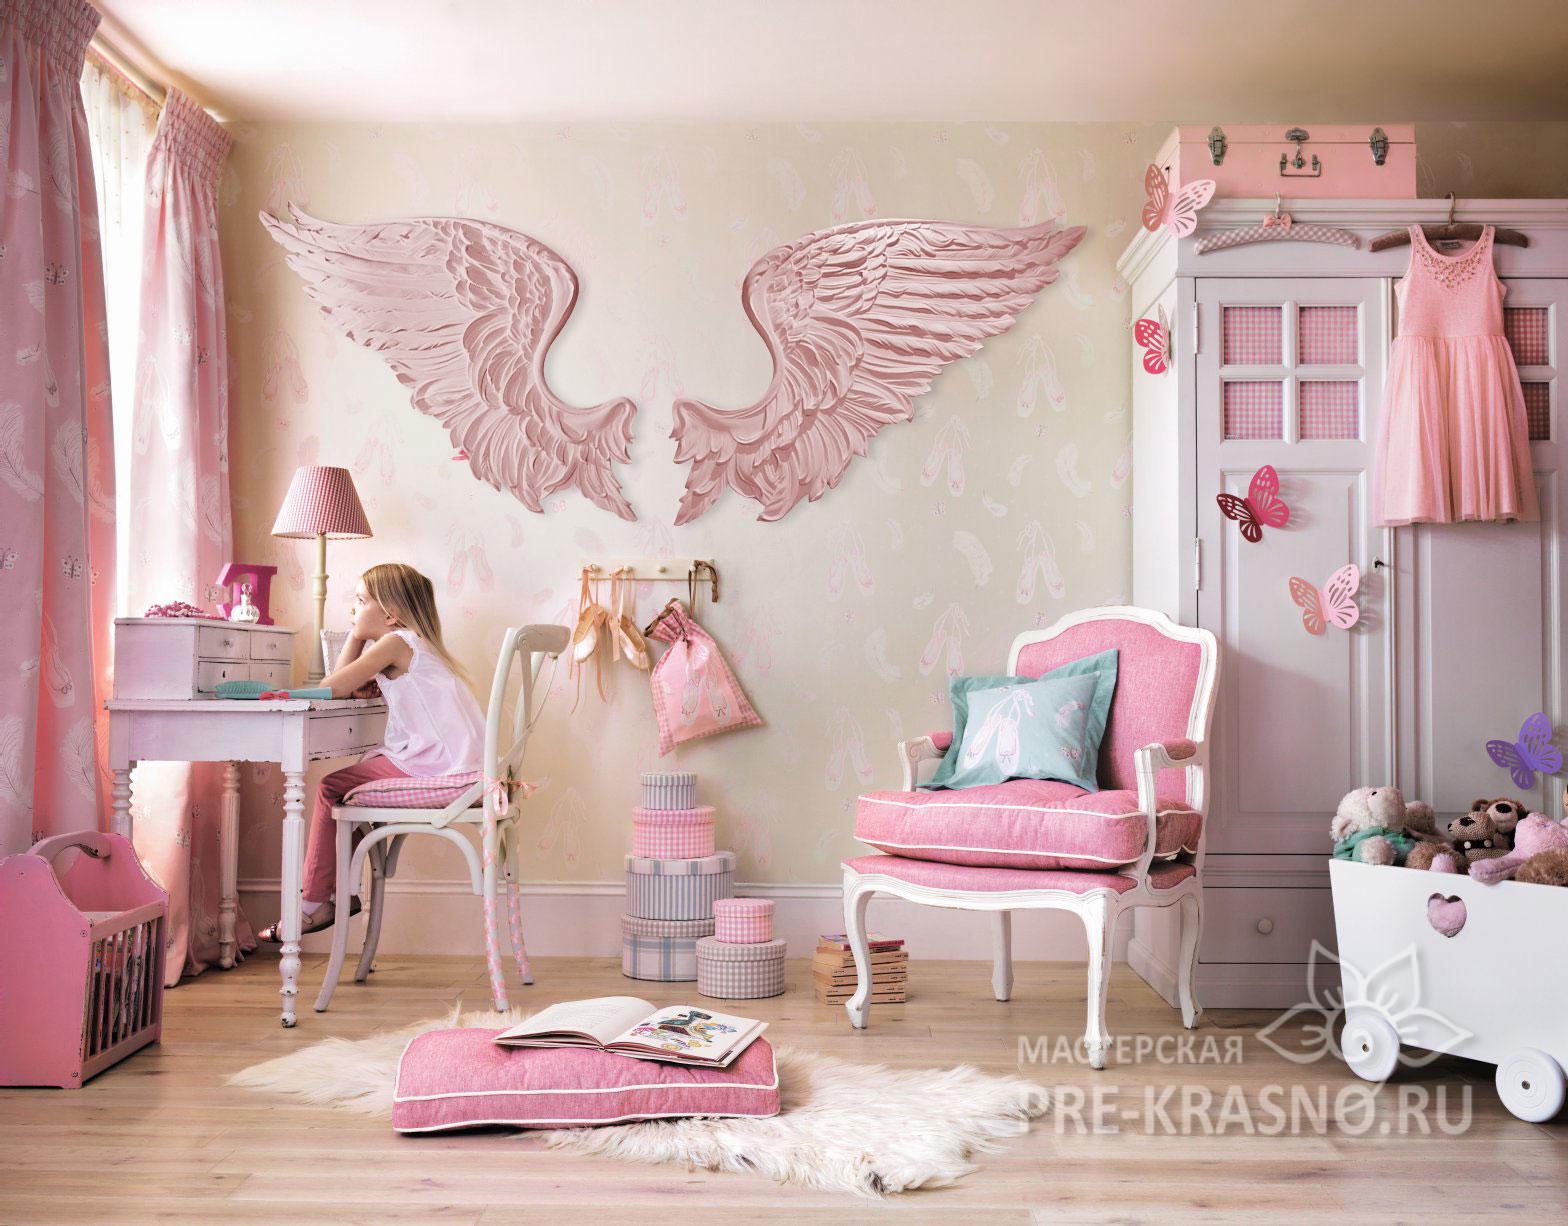 Декор для детской комнаты Ангельские крылья розовые